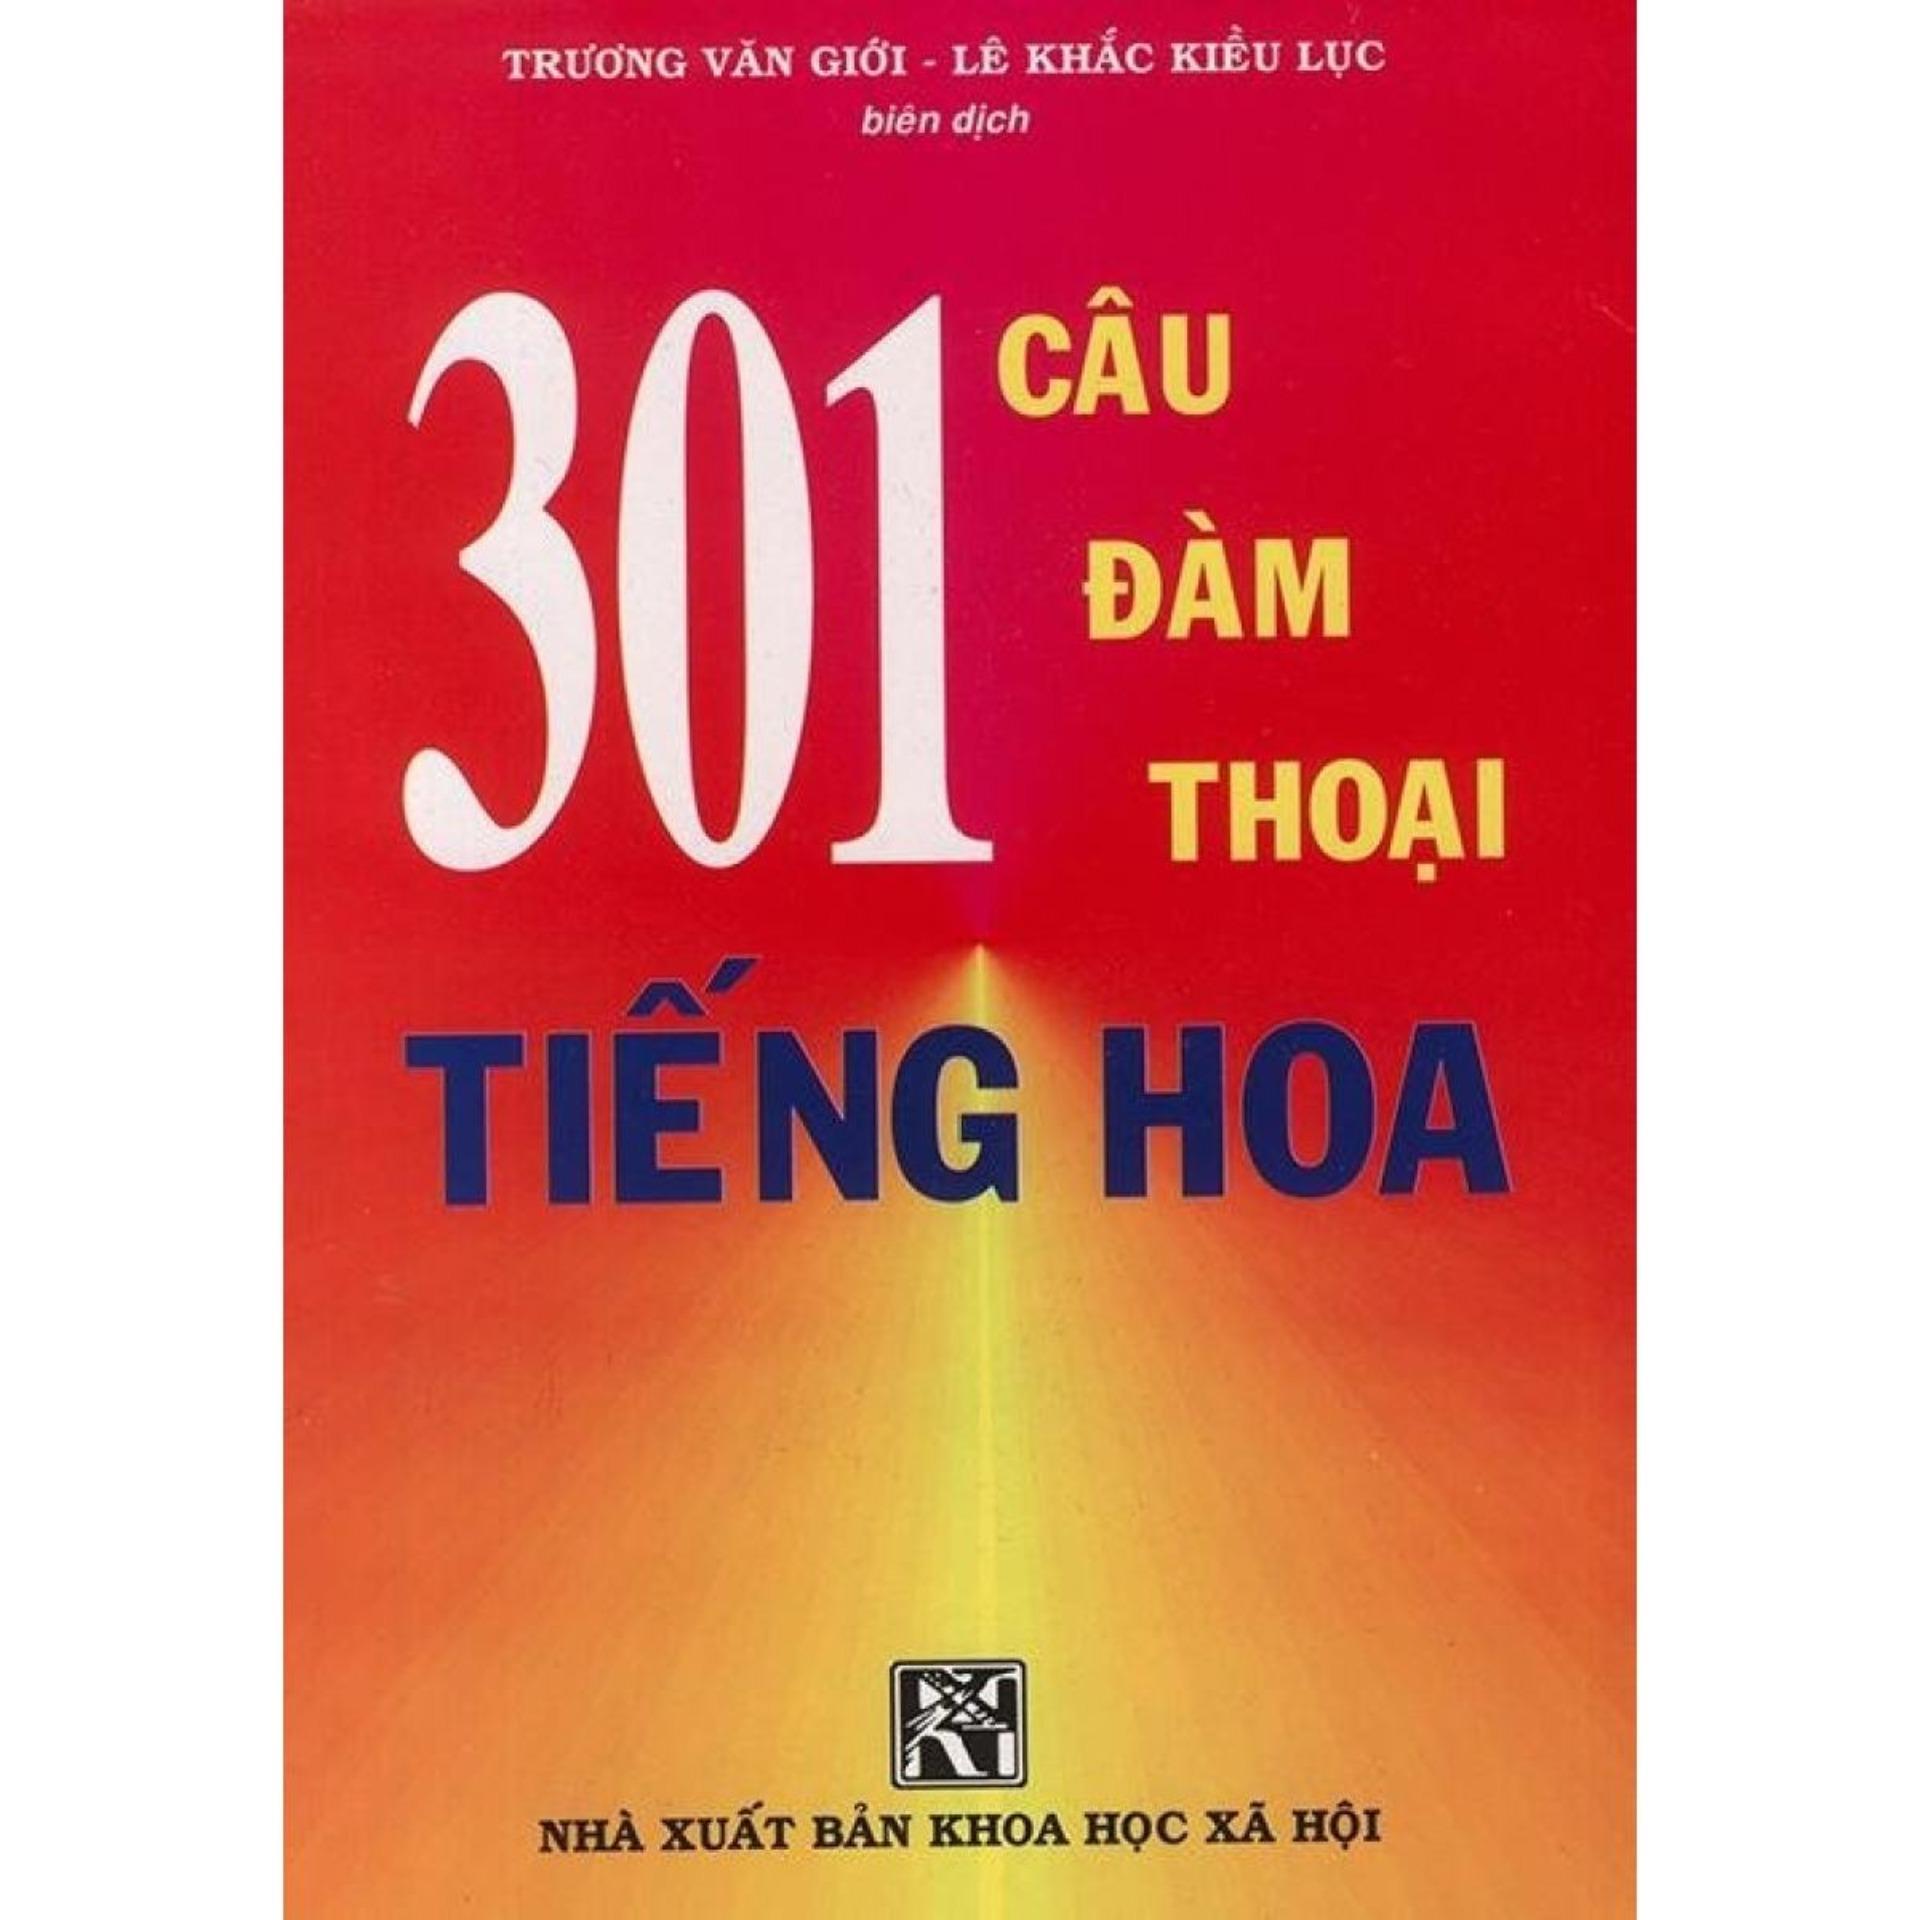 Coupon Khuyến Mãi 301 Câu đàm Thoại Tiếng Hoa Tập 1